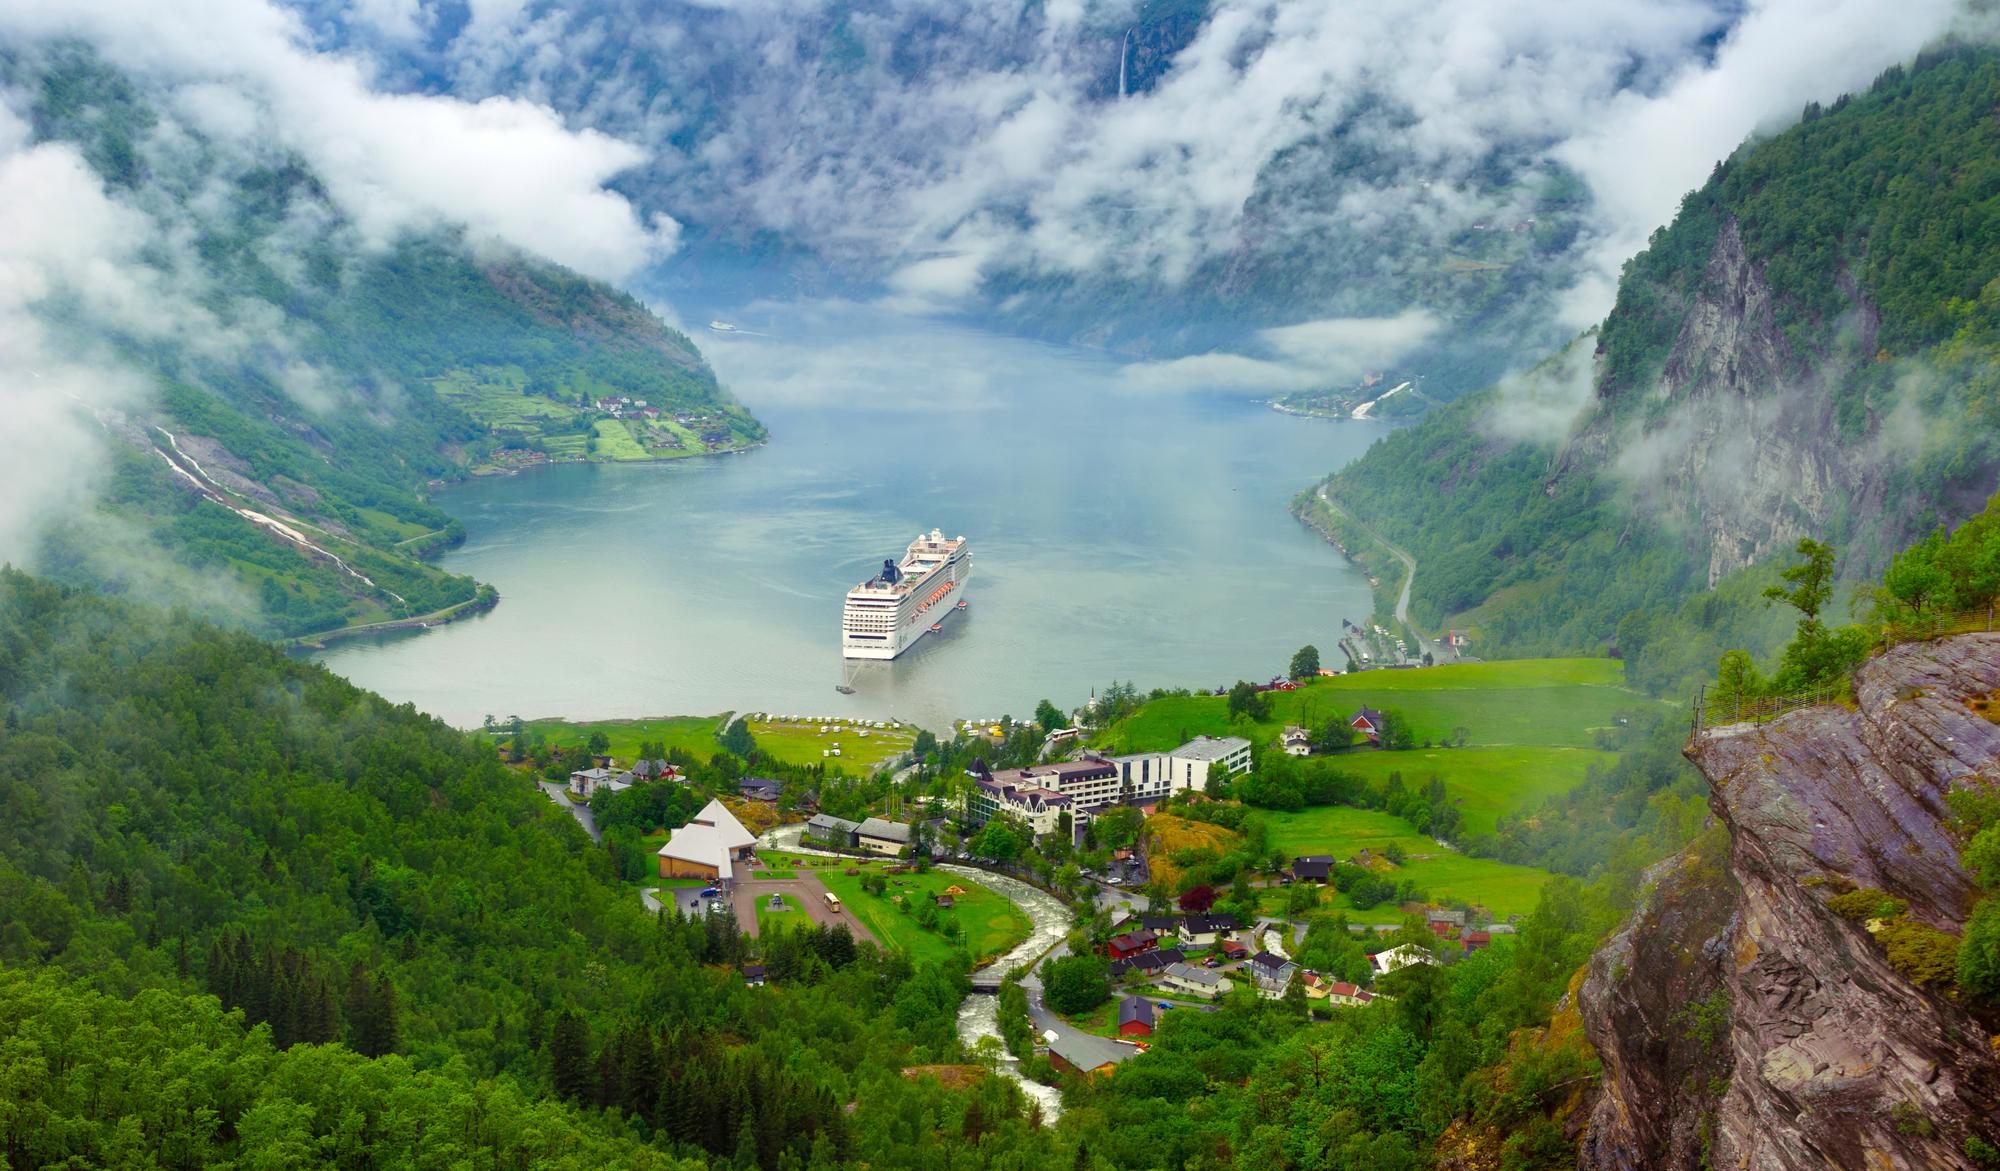 Норвегия: что посмотреть летом, достопримечательности, советы туристам